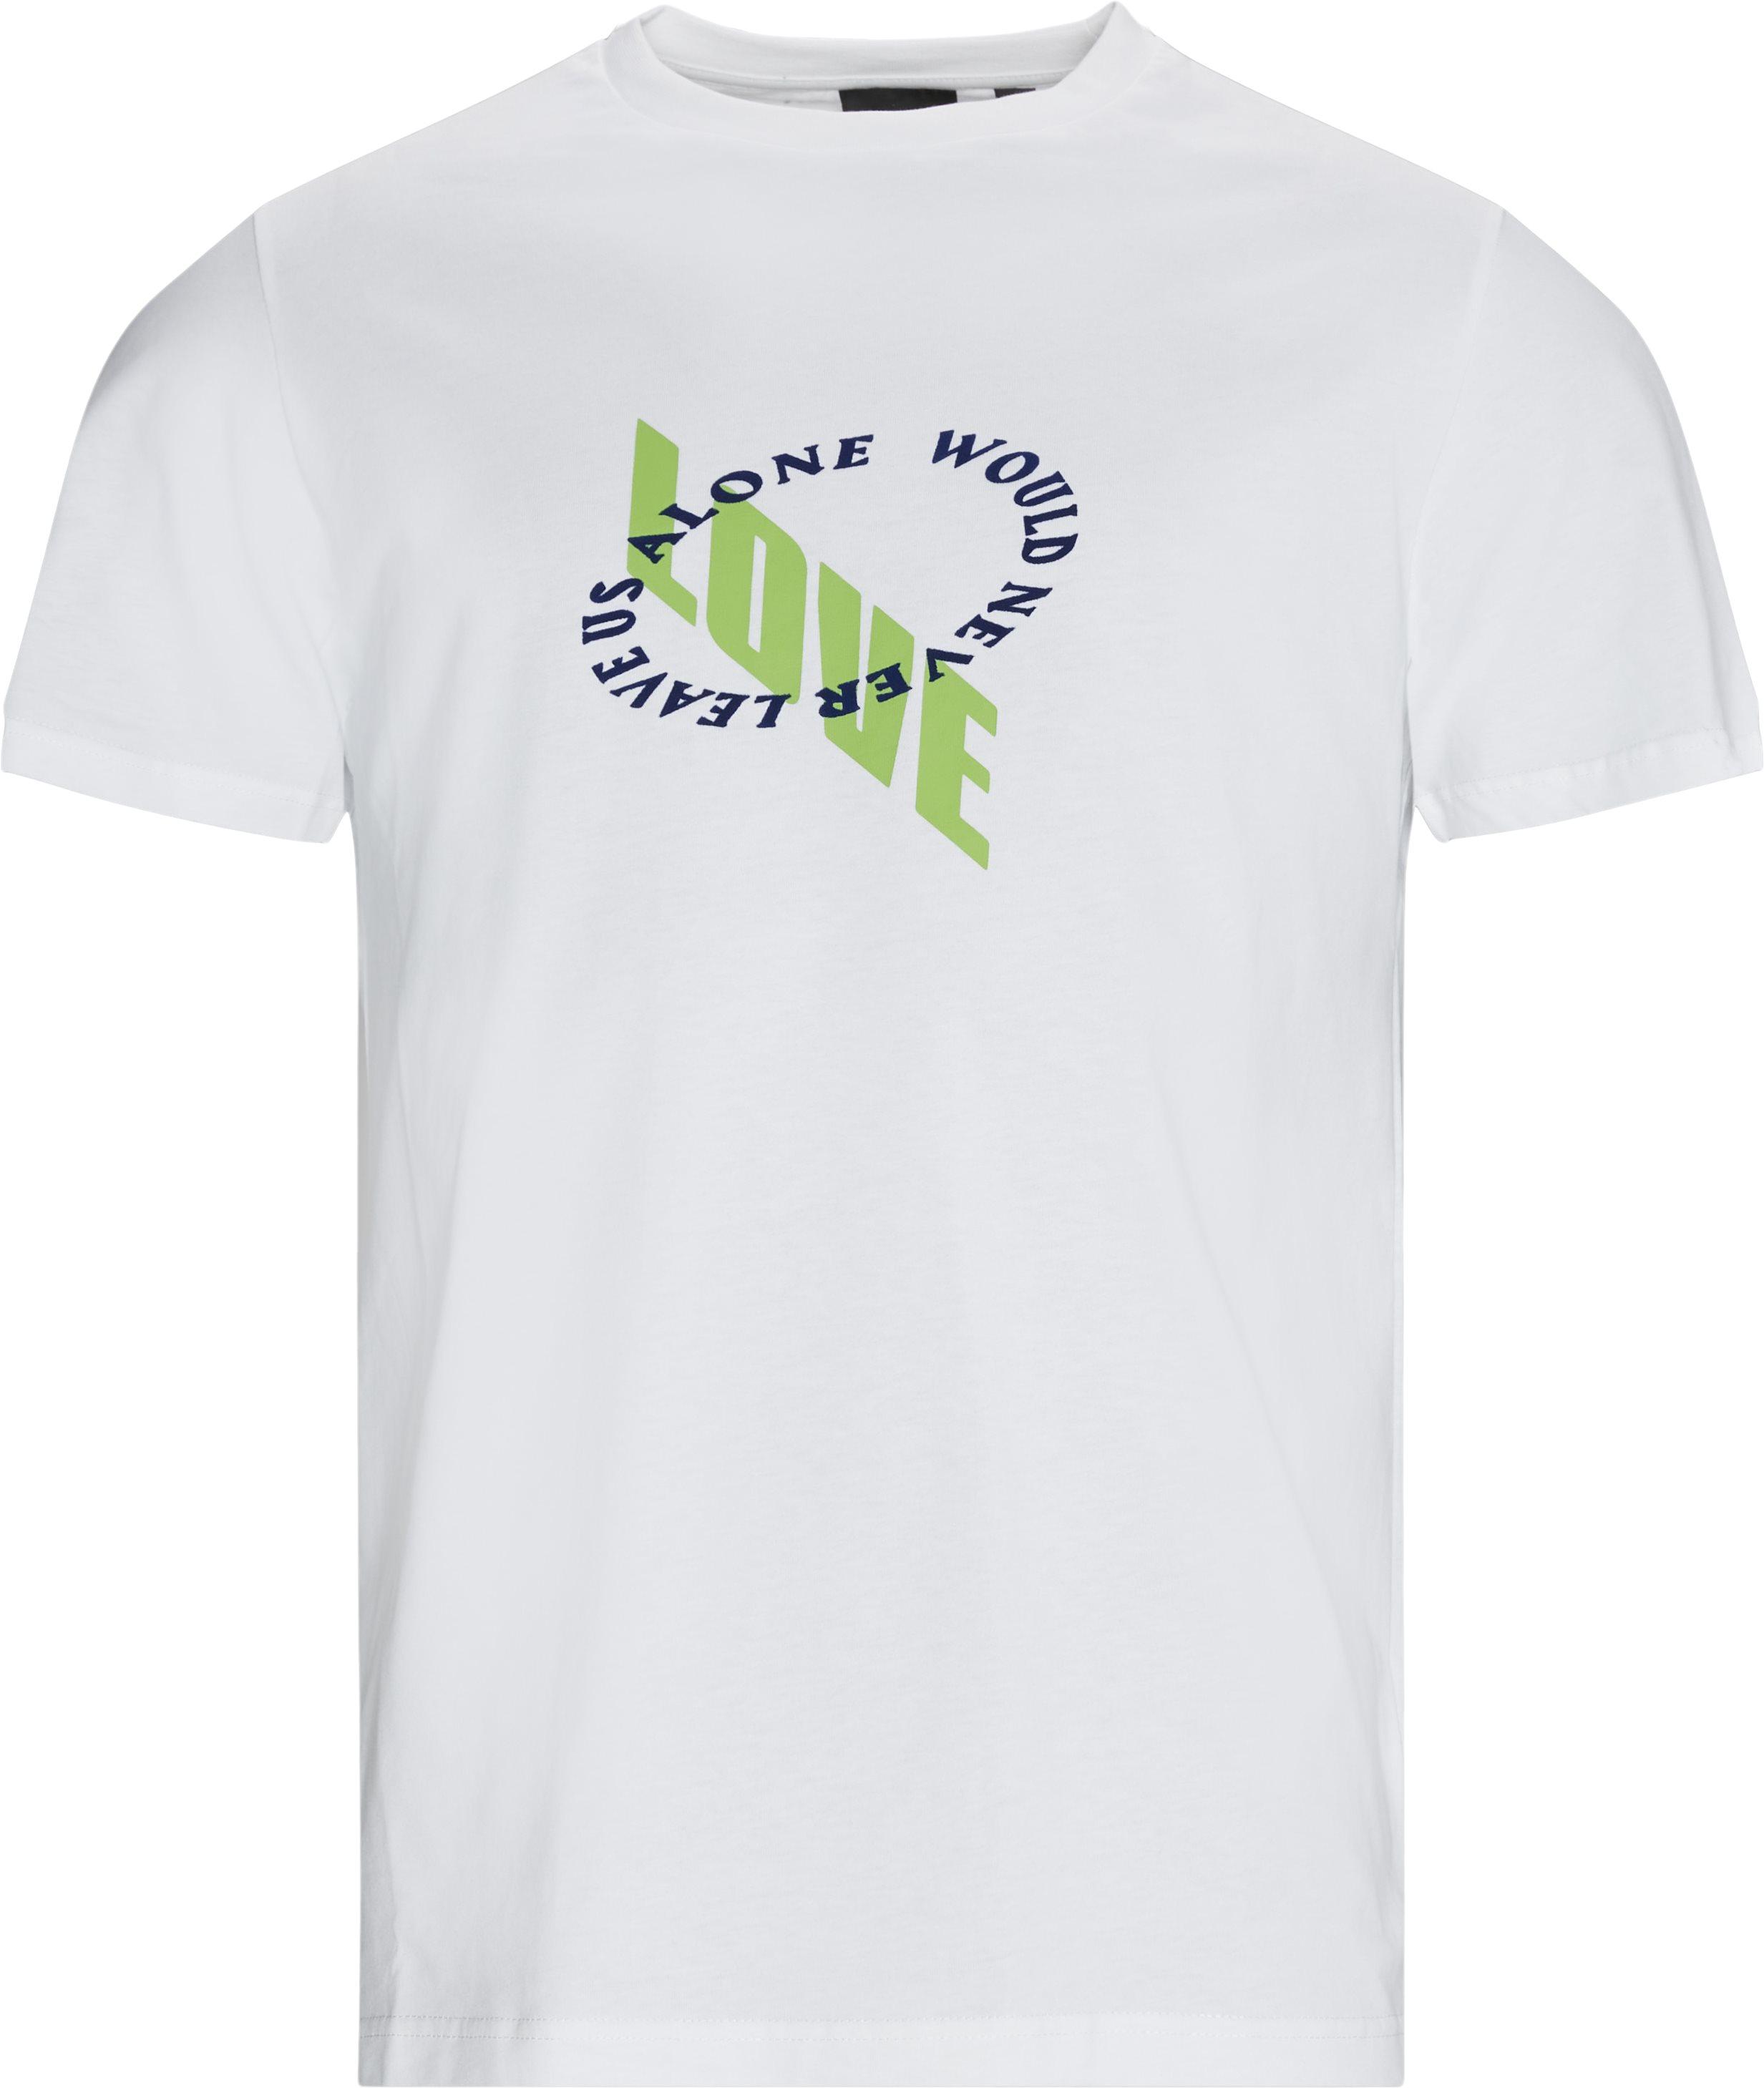 Kimhvi Tee - T-shirts - Regular - Vit